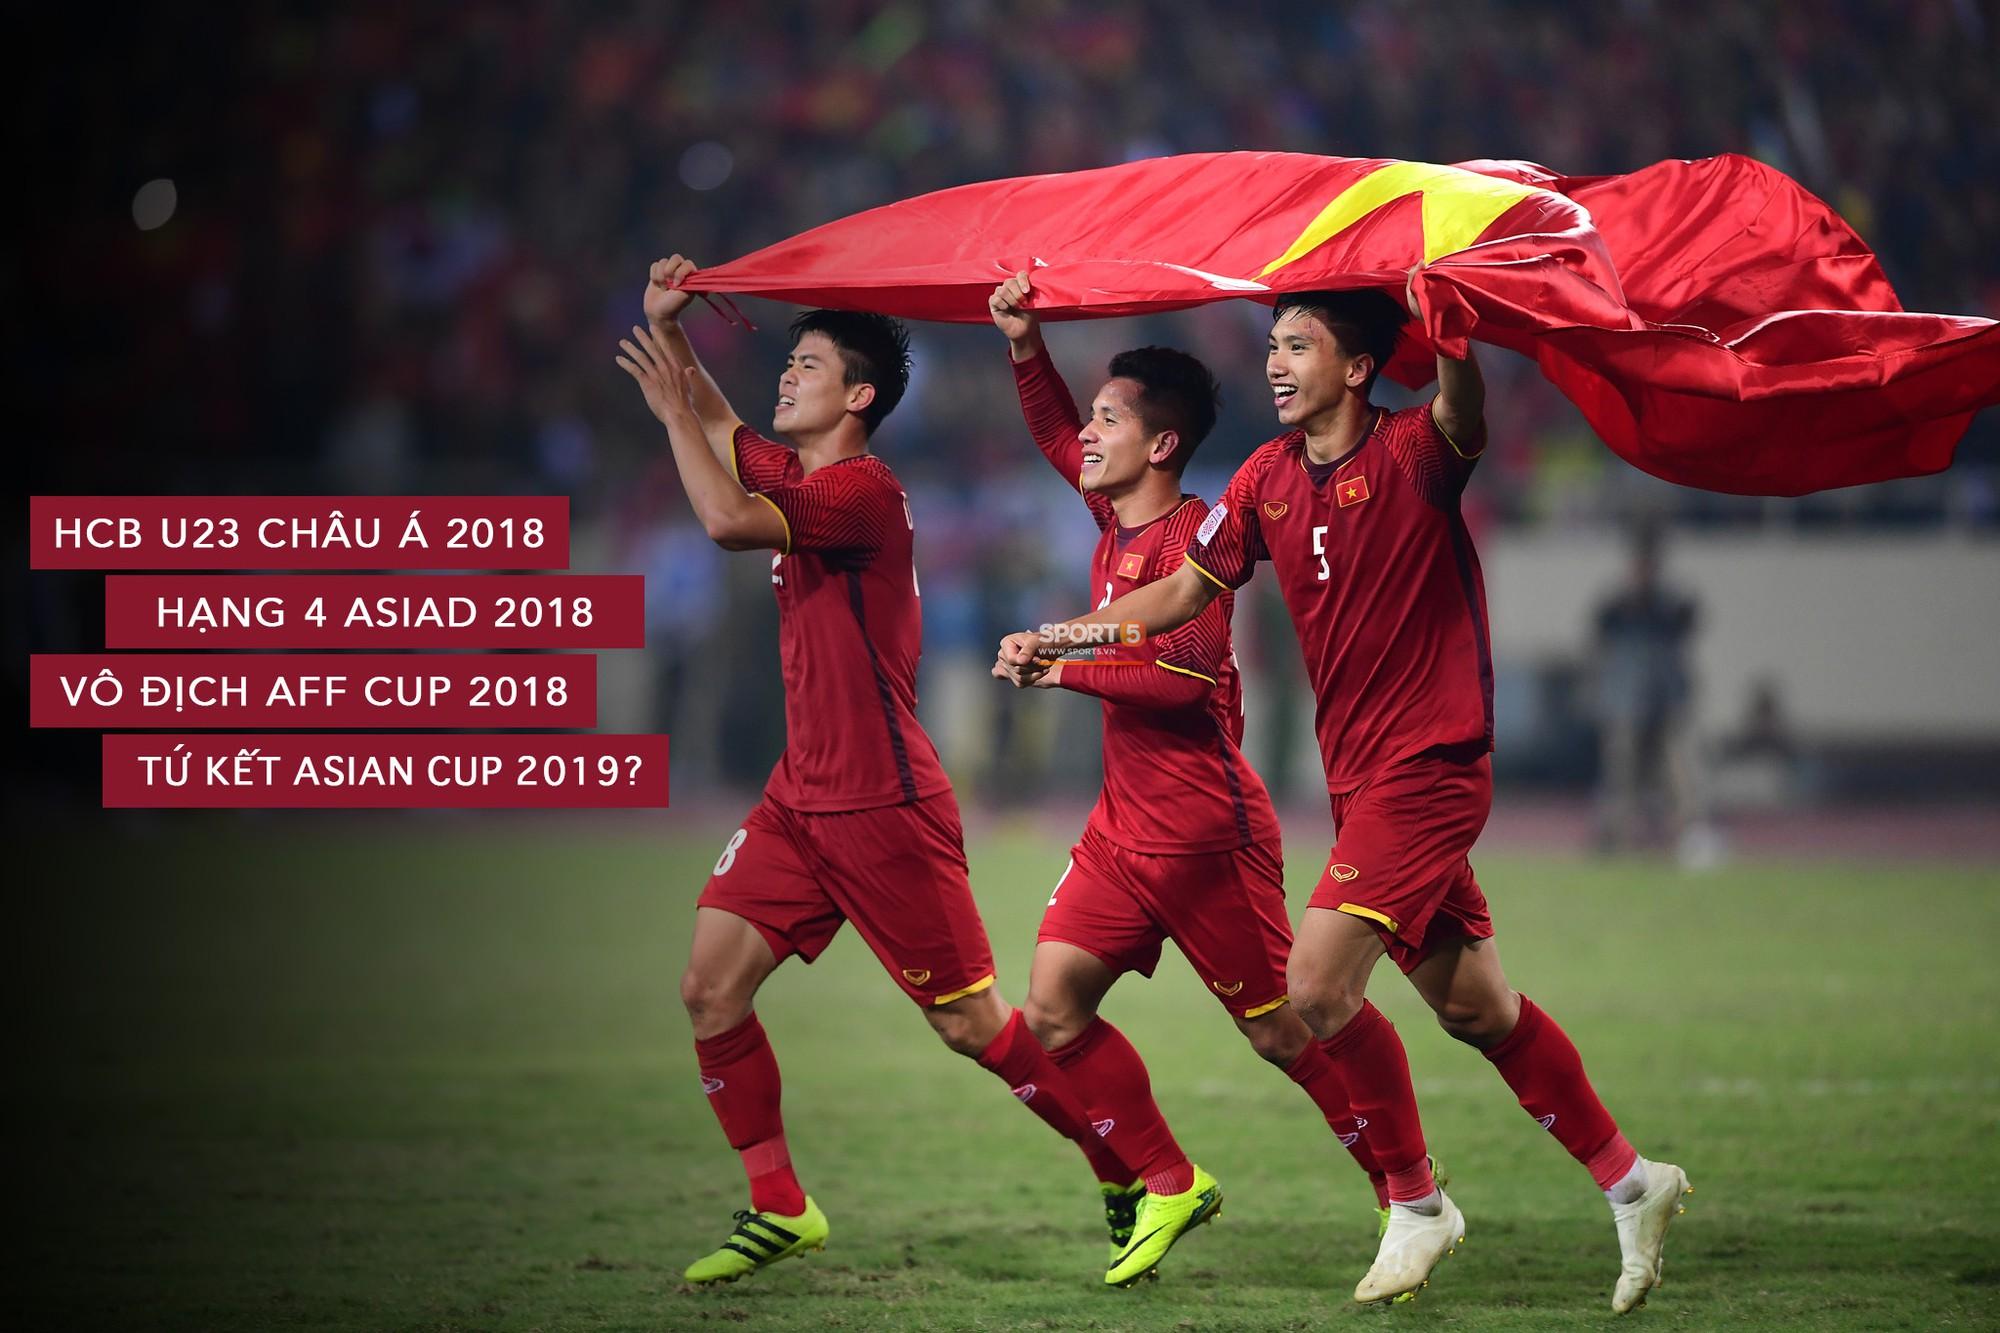 HLV Park Hang-seo giúp đội tuyển U23, Olympic và ĐTQG Việt Nam tái lập, thiết lập hàng loạt kỳ tích trong chưa đầy 2 năm qua. Ảnh: Hiếu Lương.